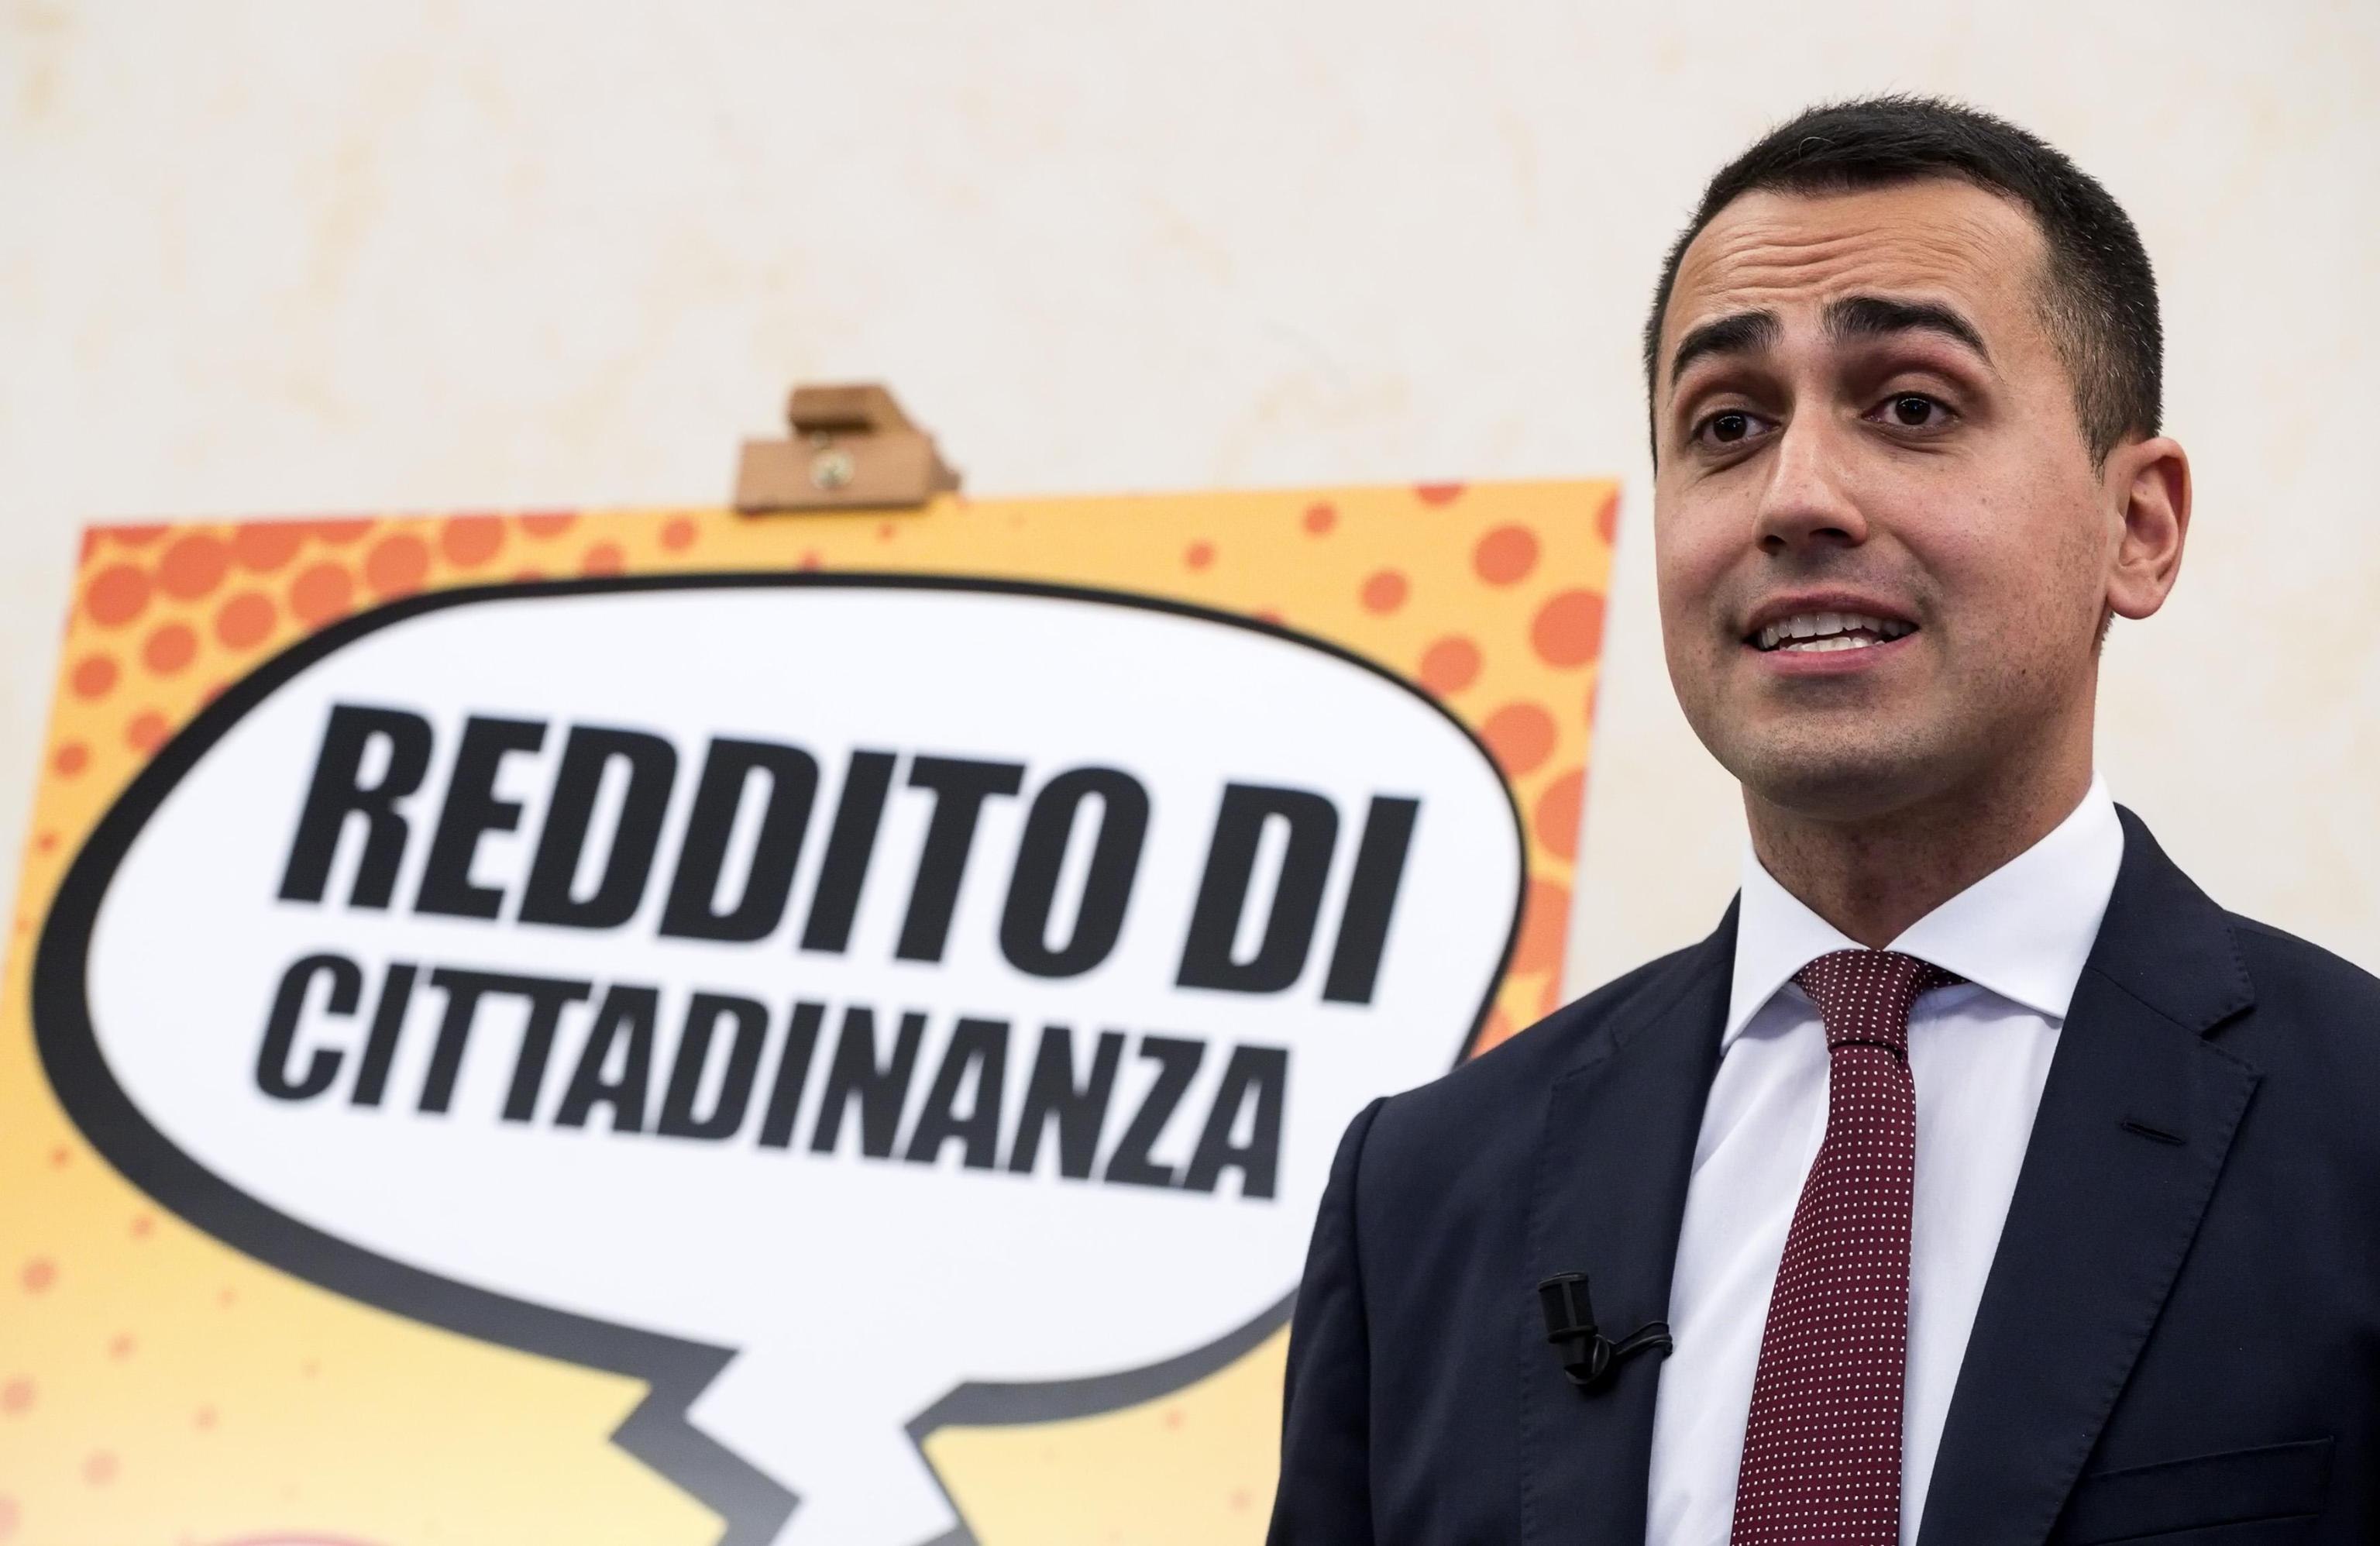 Recessione, Luigi Di Maio accusa i governi precedenti: 'Hanno mentito sulla fine della crisi'